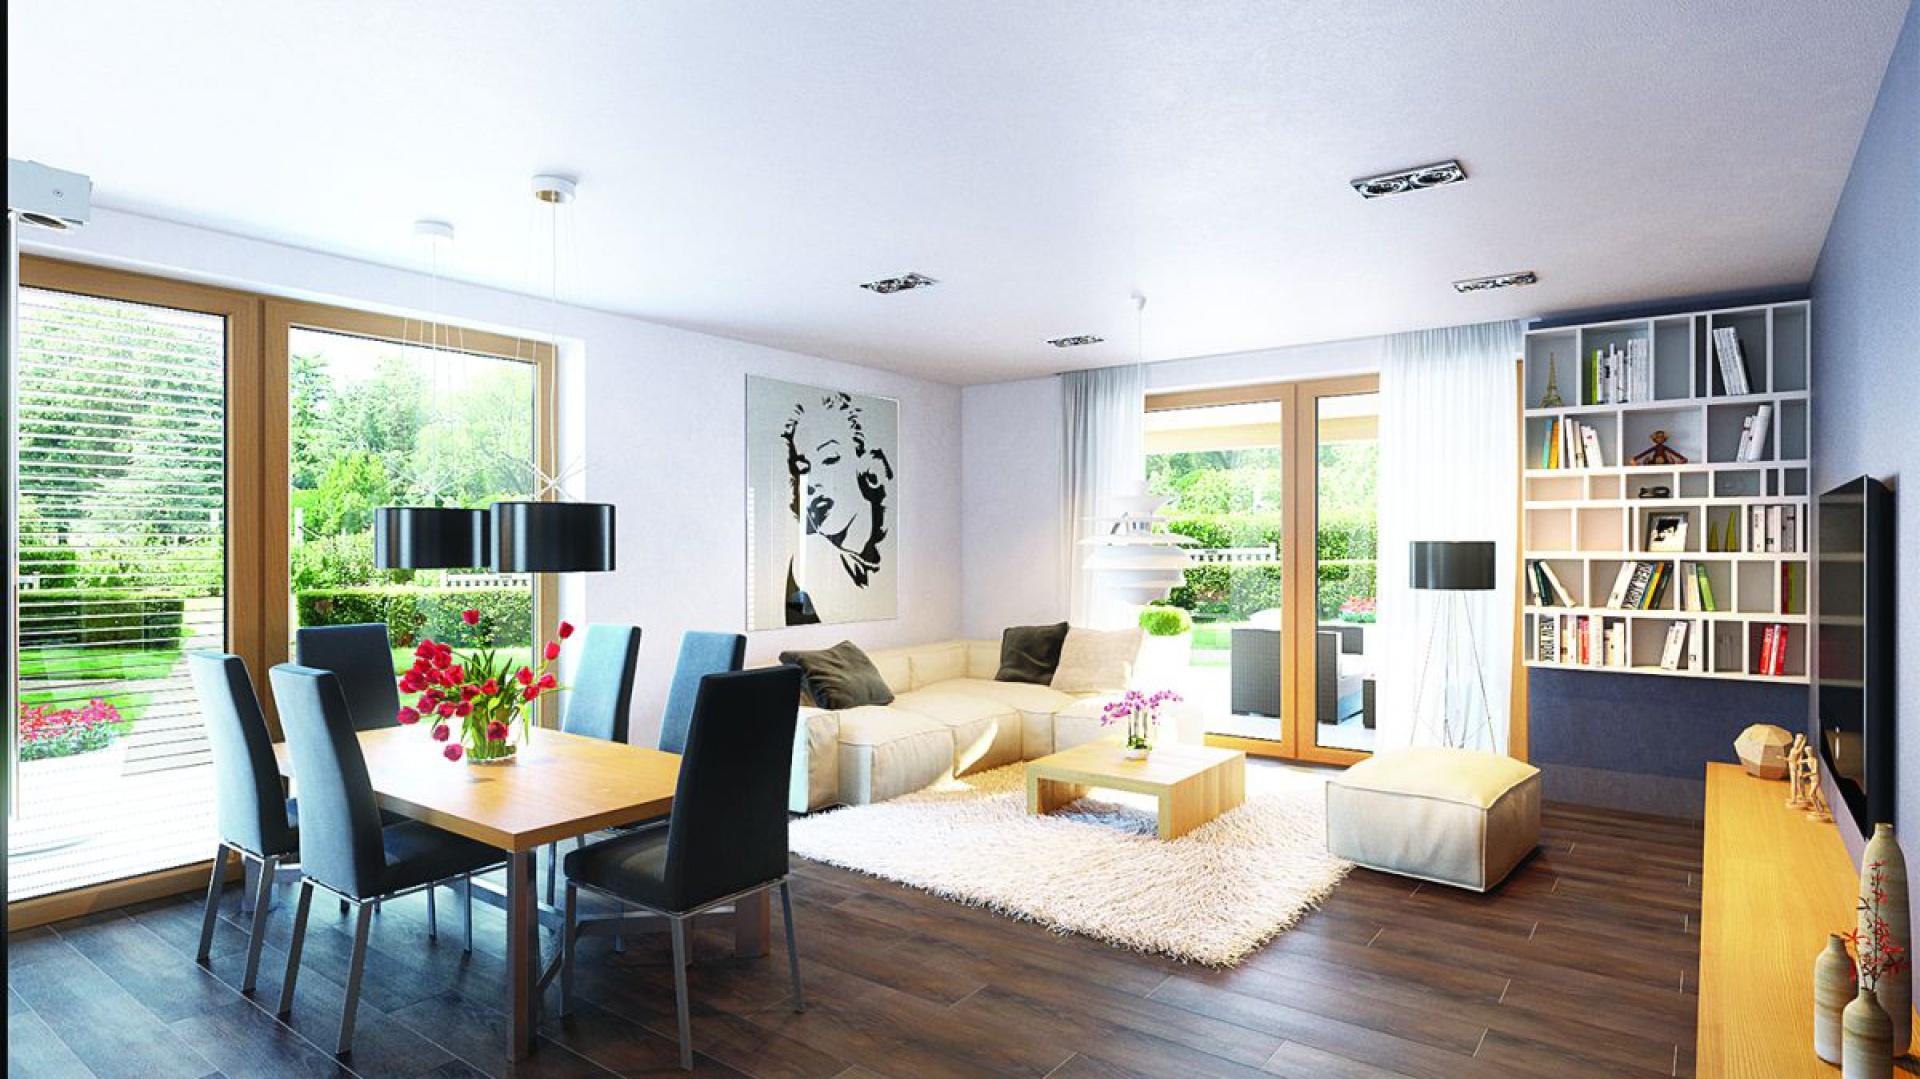 Salon połączony z jadalnią jest jasny i przestronny - głównie dzięki dużym przeszkleniom i bieli ścian. Całość ociepla drewniana podłoga o czekoladowym zabarwieniu. Projekt: Kornel VI (z wiatą) ENERGO, Fot. Pracownia Projektowa Archipelag